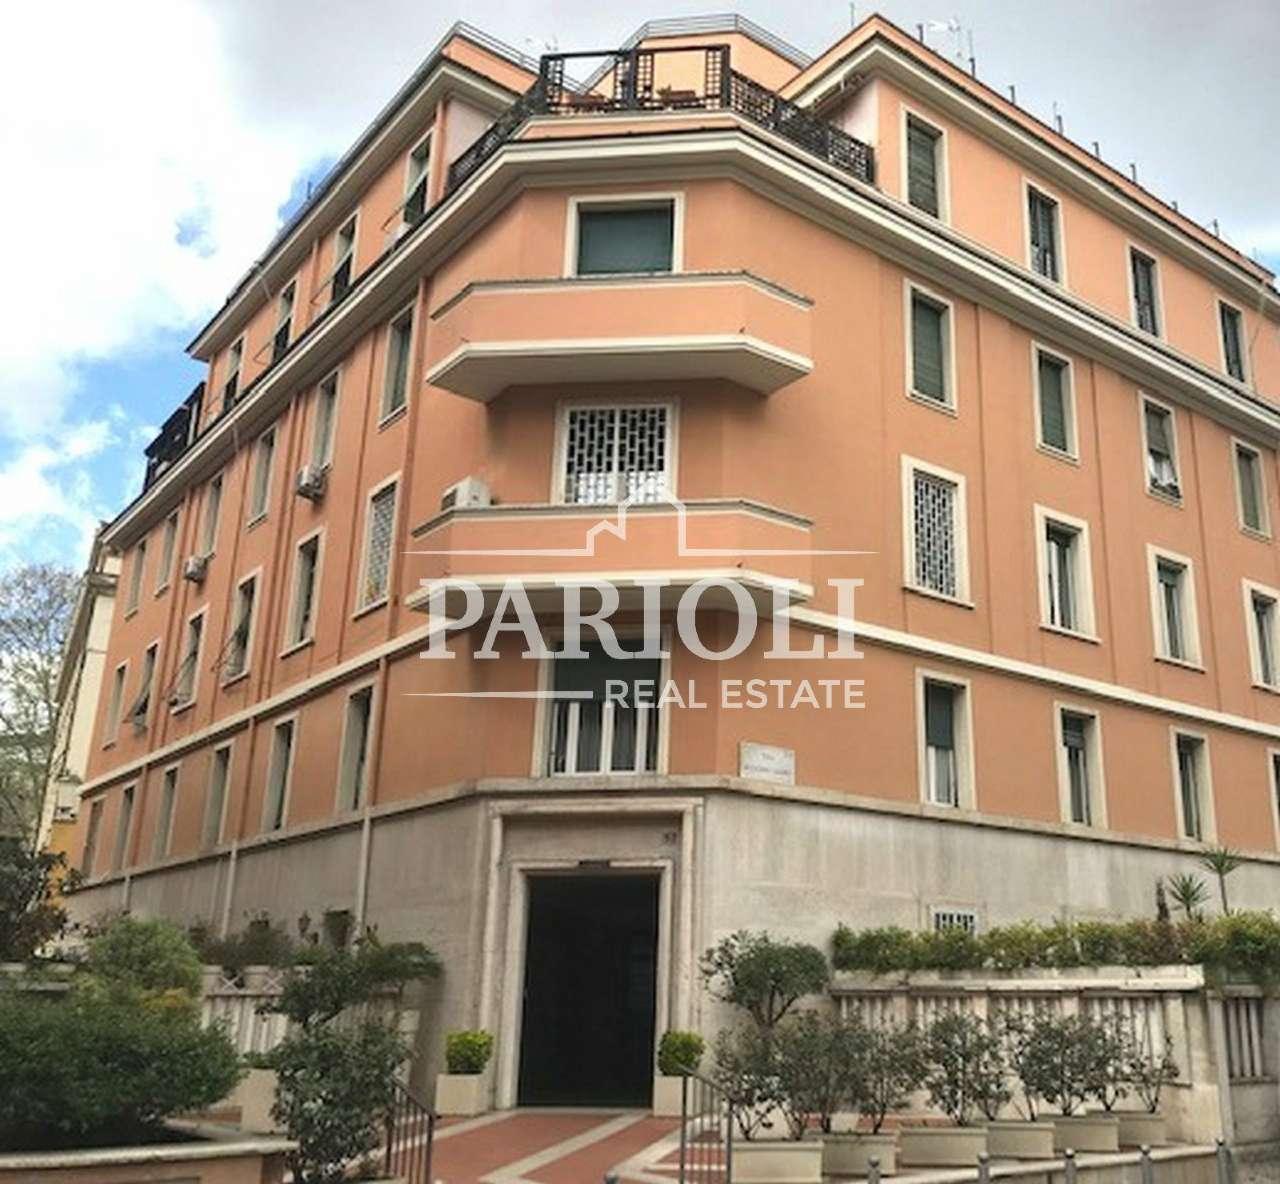 Attico / Mansarda in vendita a Roma, 5 locali, zona Zona: 2 . Flaminio, Parioli, Pinciano, Villa Borghese, prezzo € 760.000   CambioCasa.it